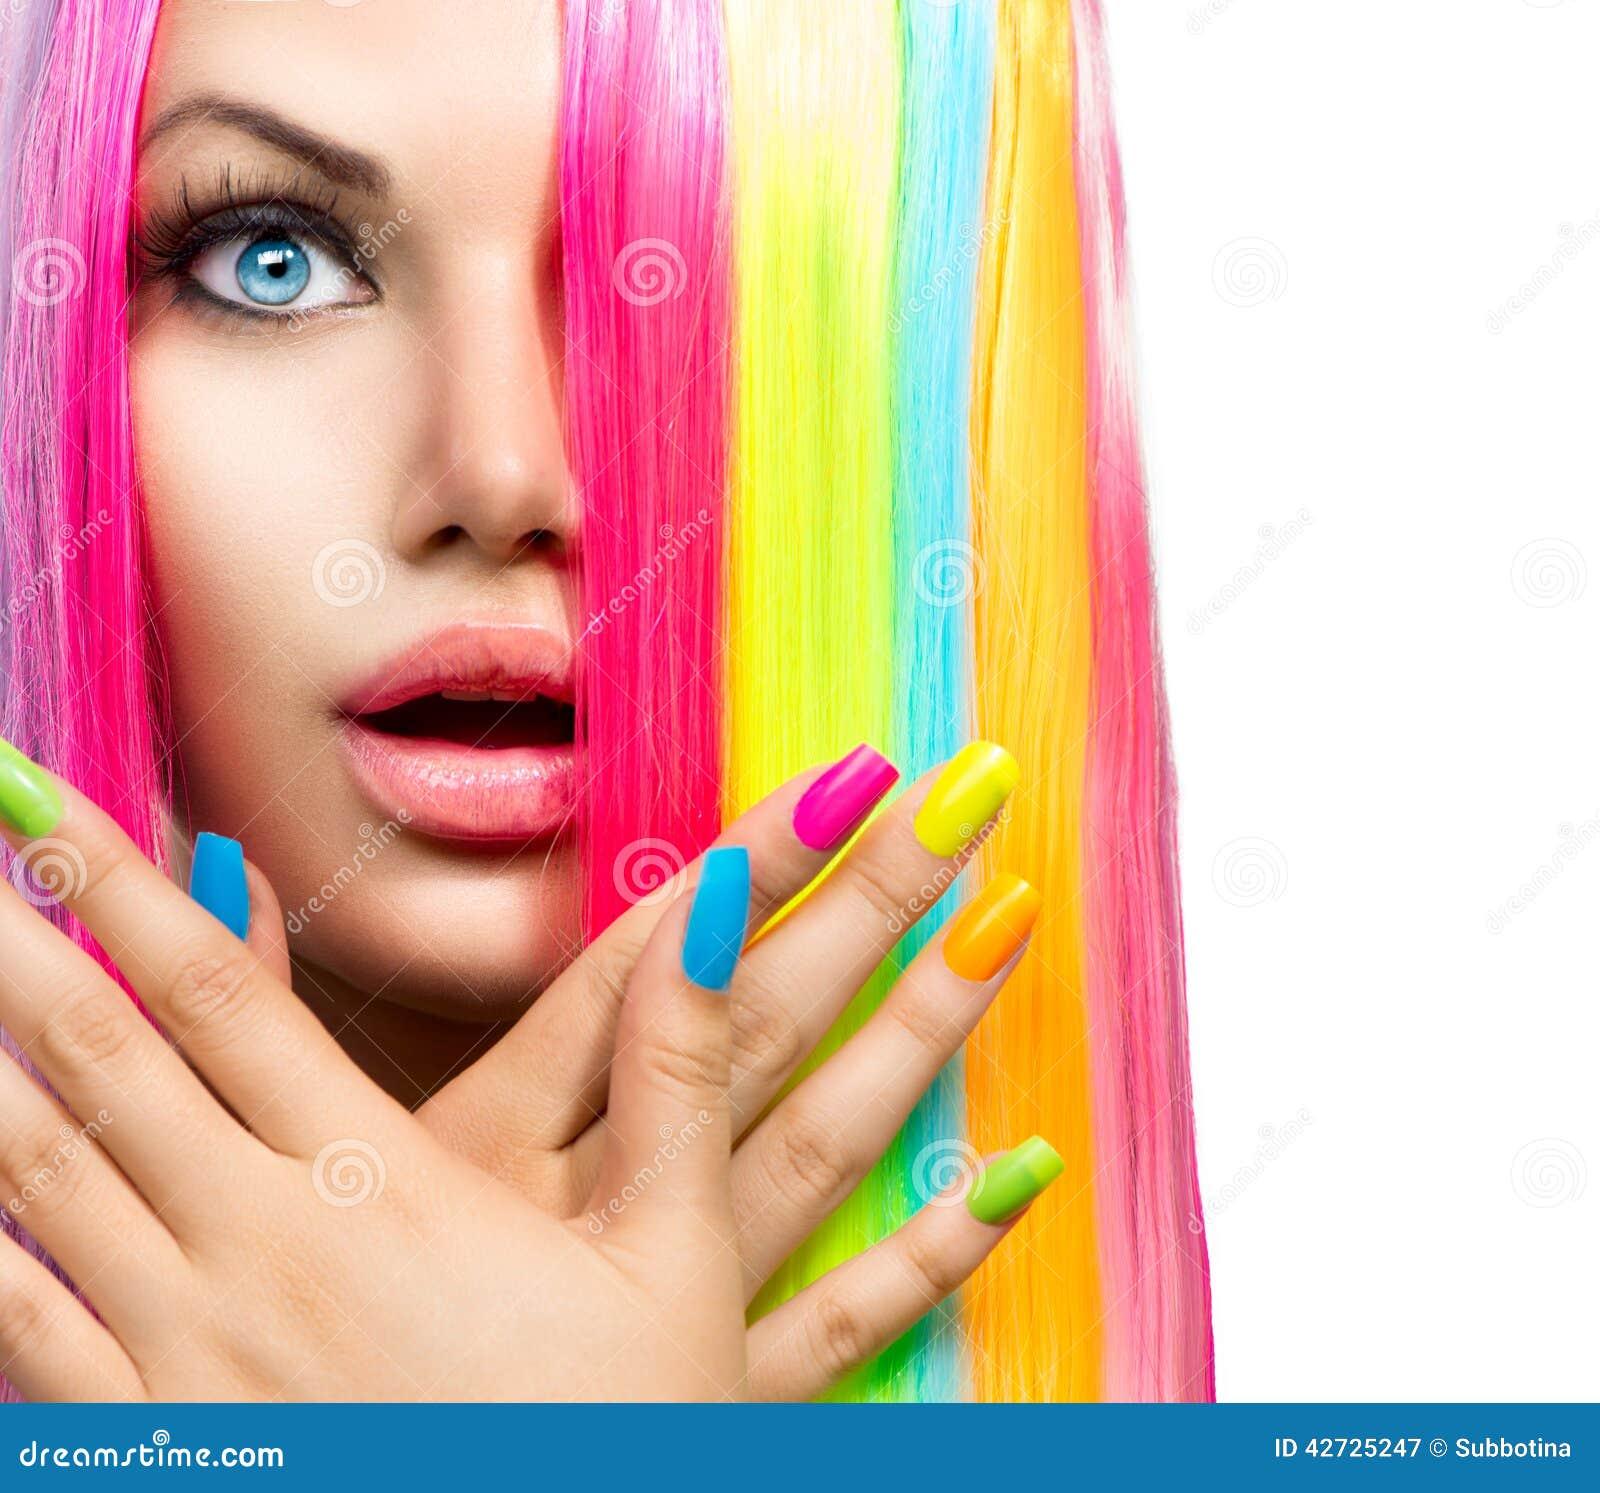 menina-da-beleza-com-cabelo-e-verniz-para-as-unhas-coloridos-42725247.jpg